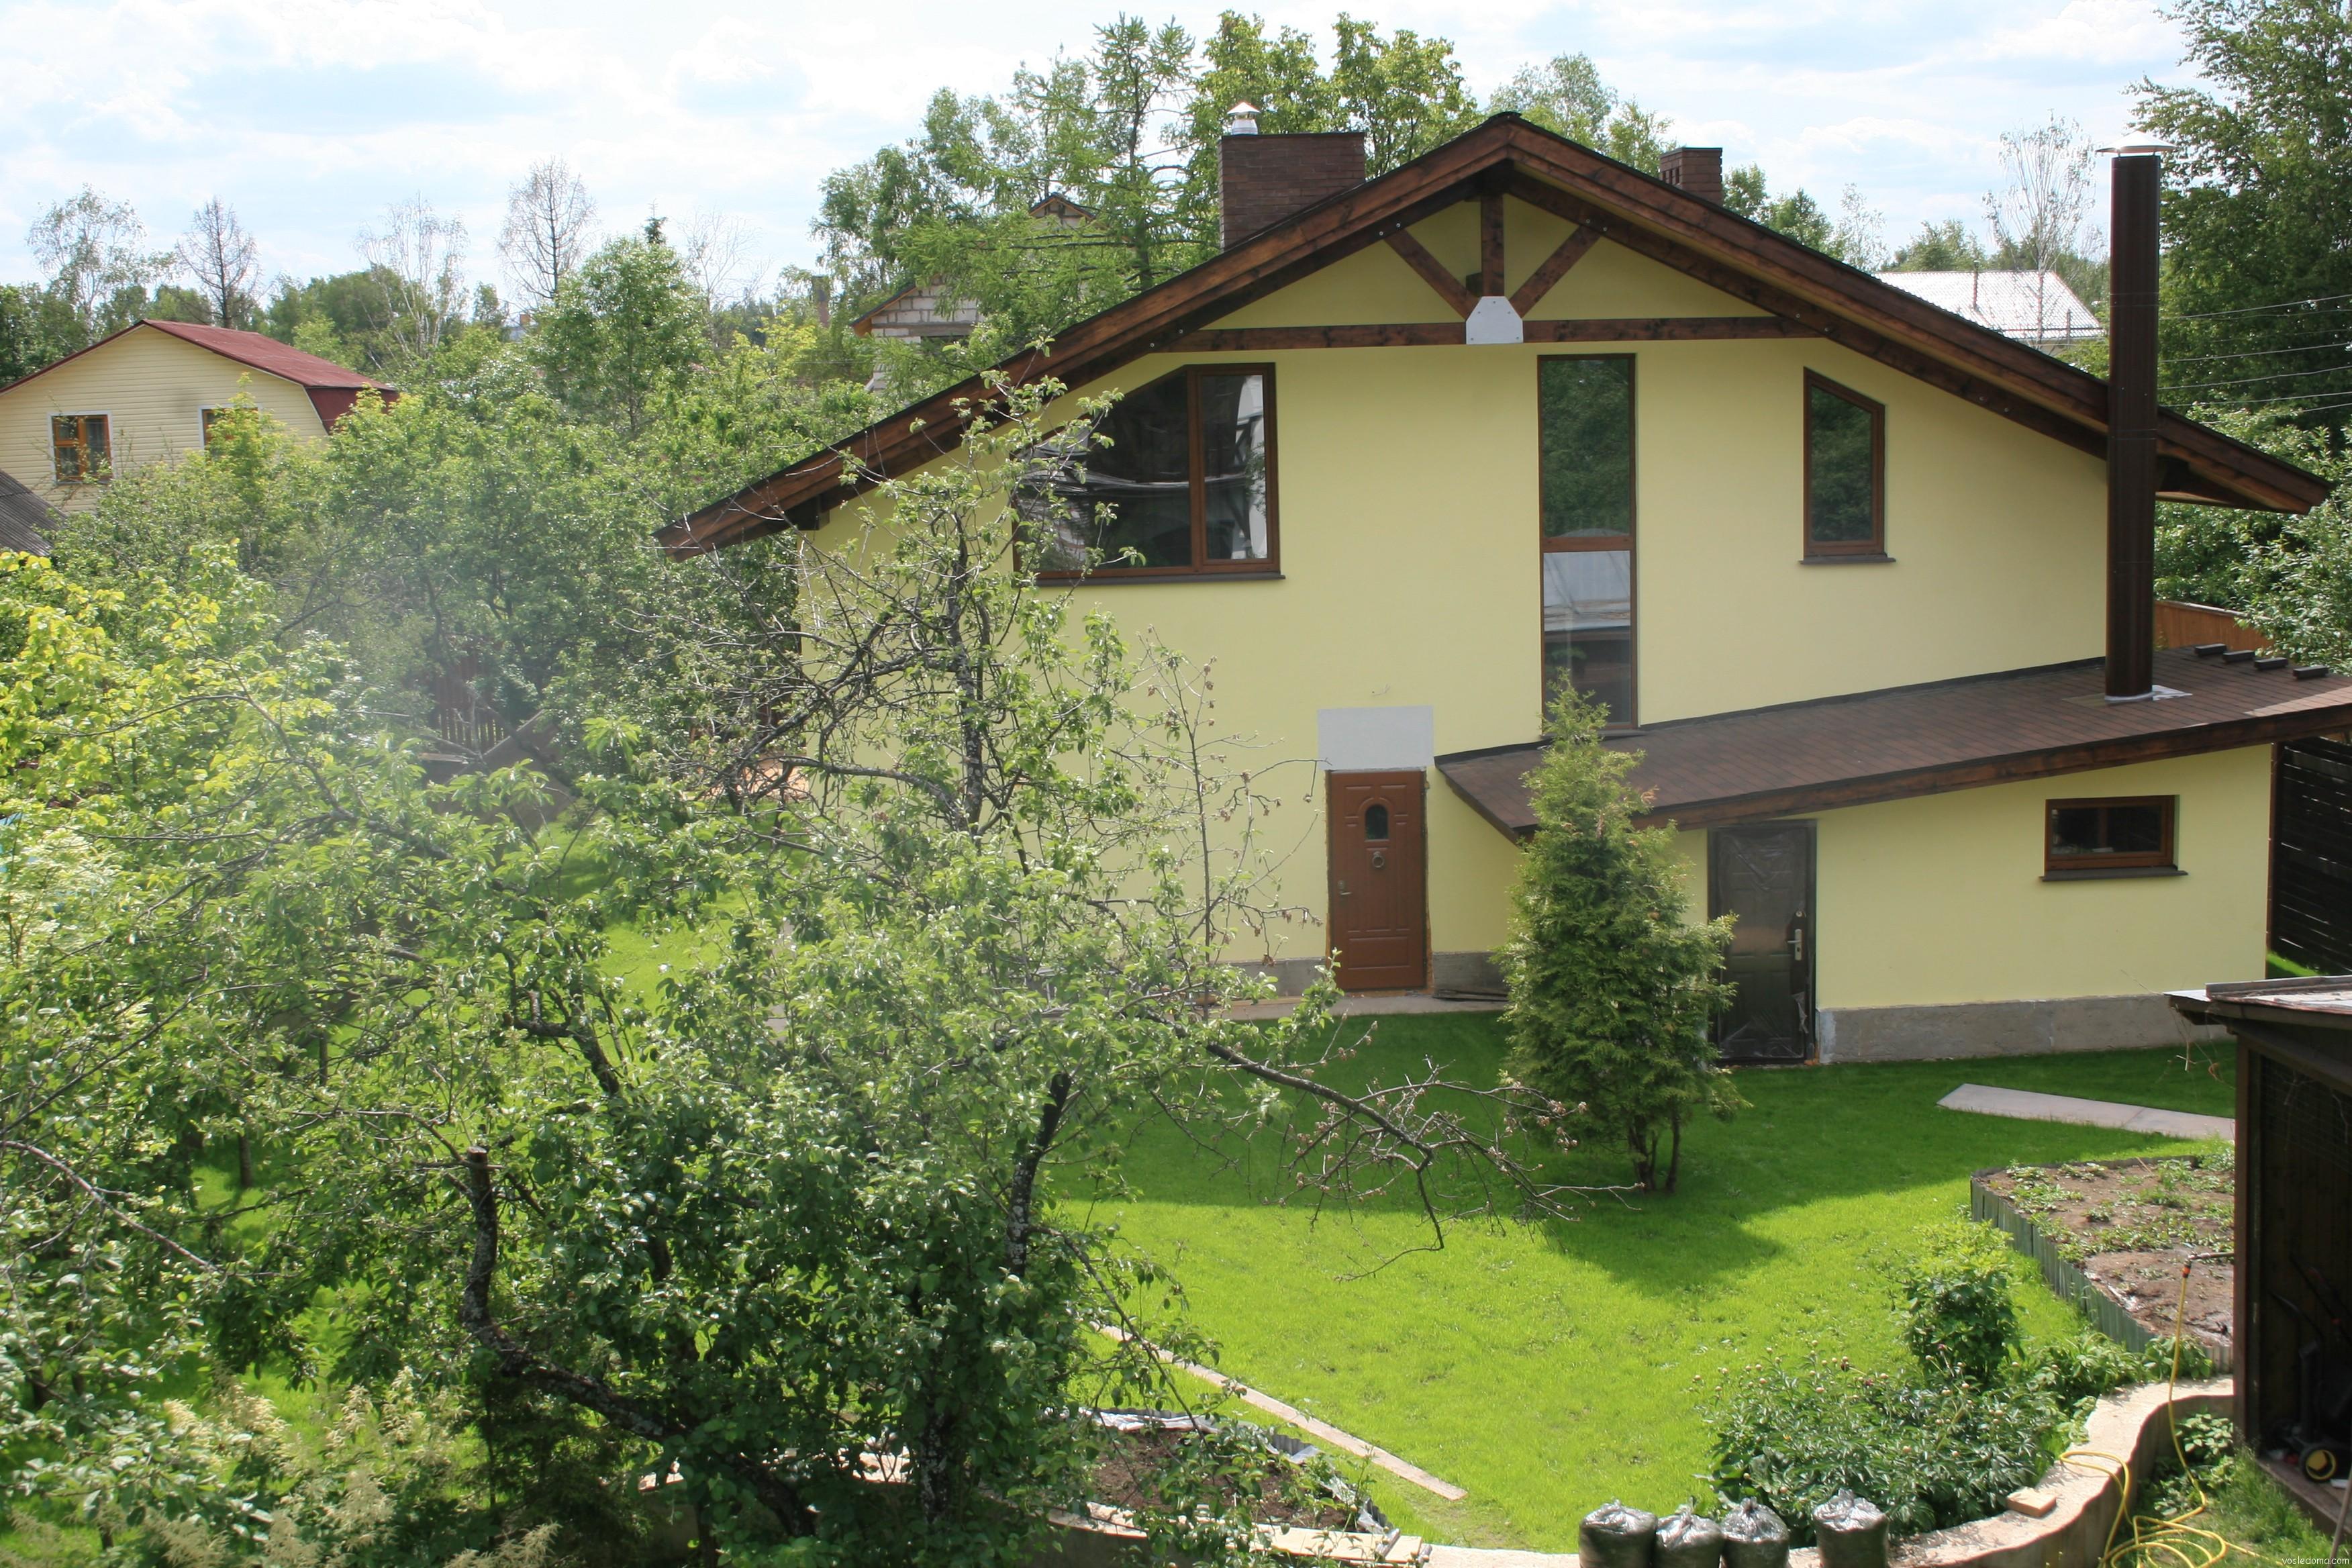 Дом с садовым участком фото